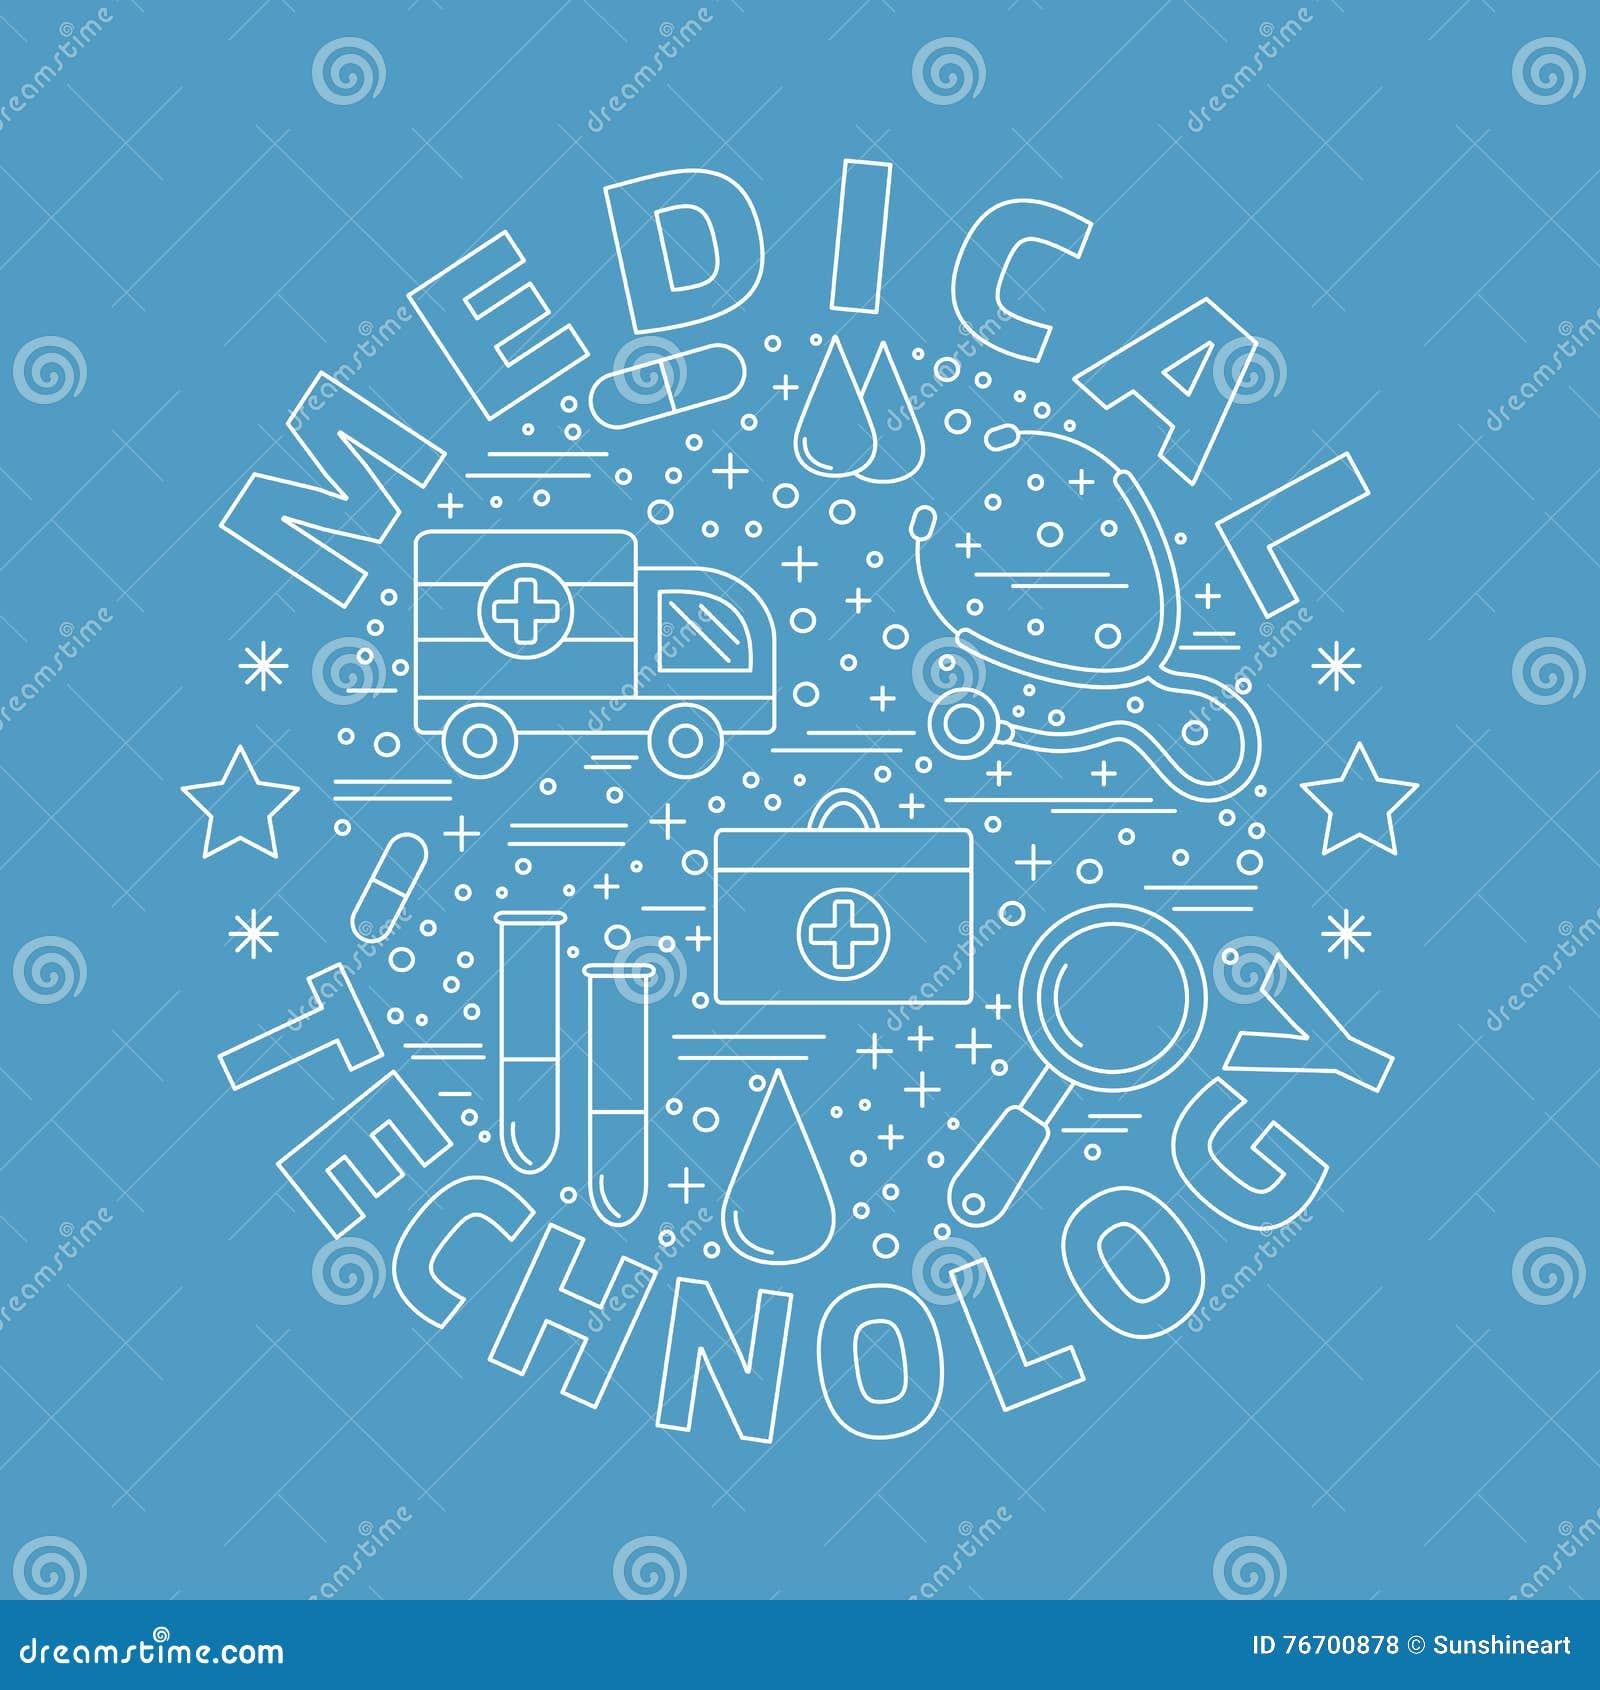 Sistema diagnostico medico, concetto di progetto grafico di controllo